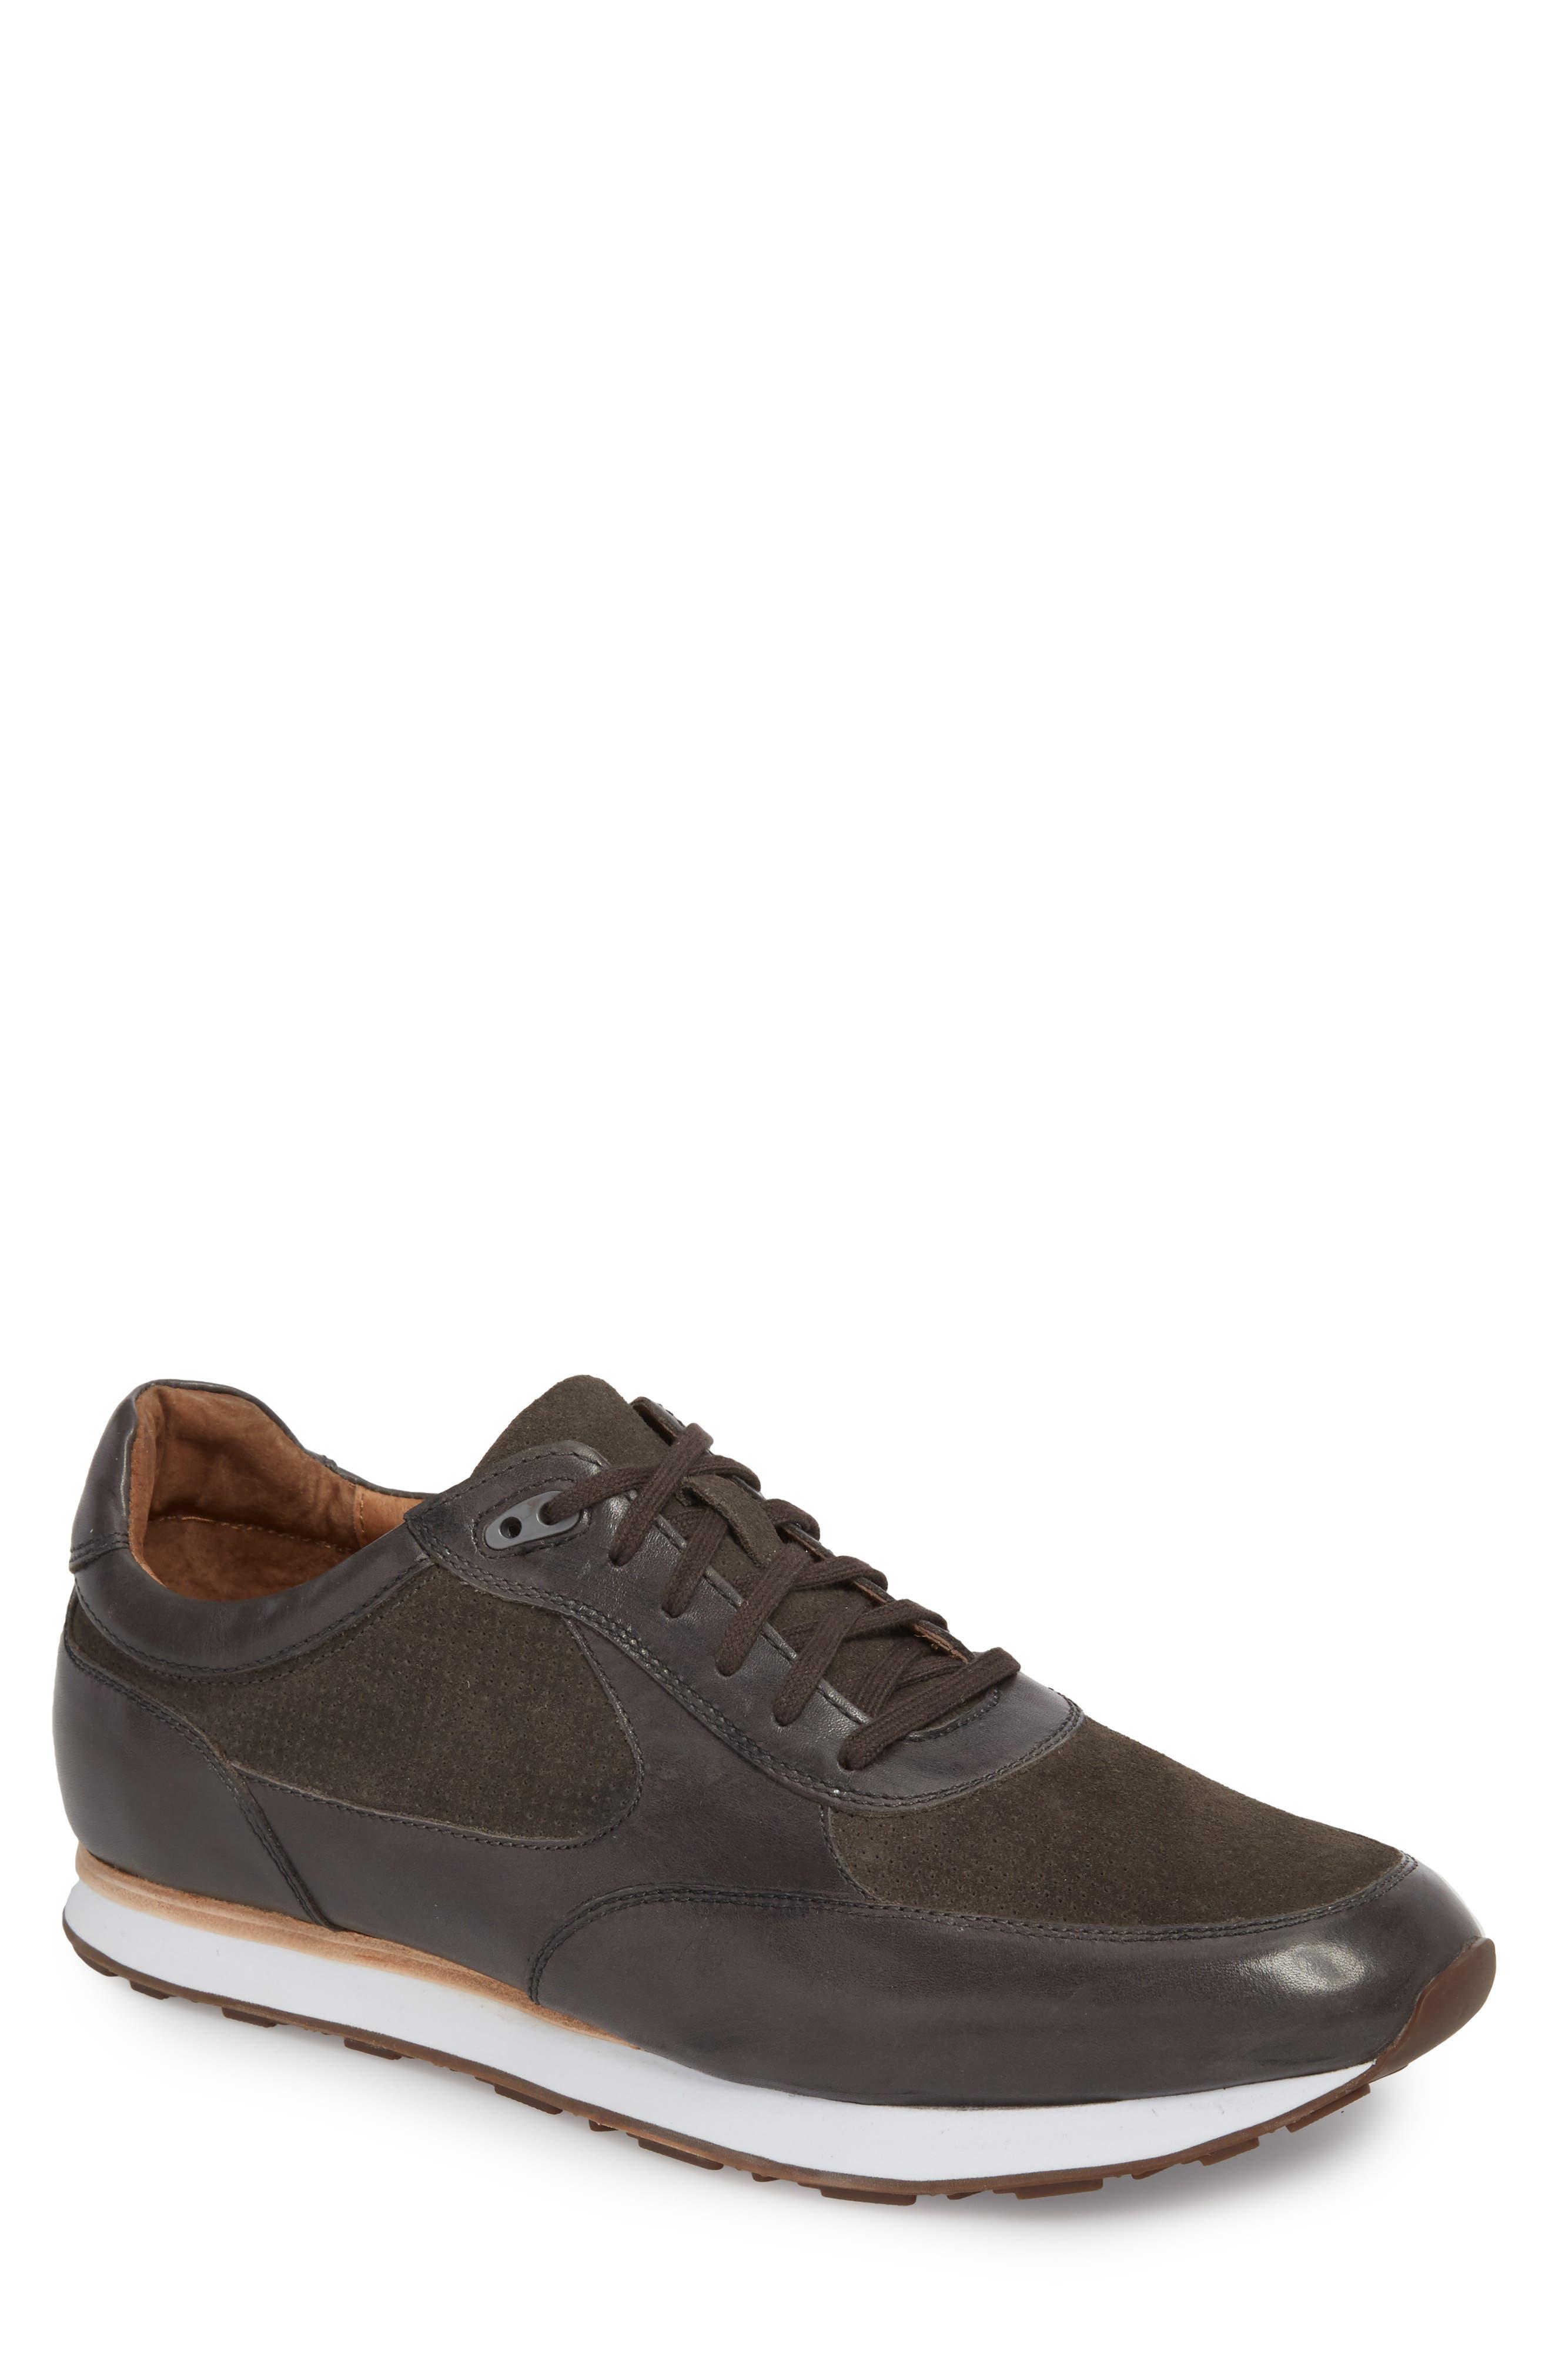 Malek Low Top Sneaker,                             Main thumbnail 1, color,                             020